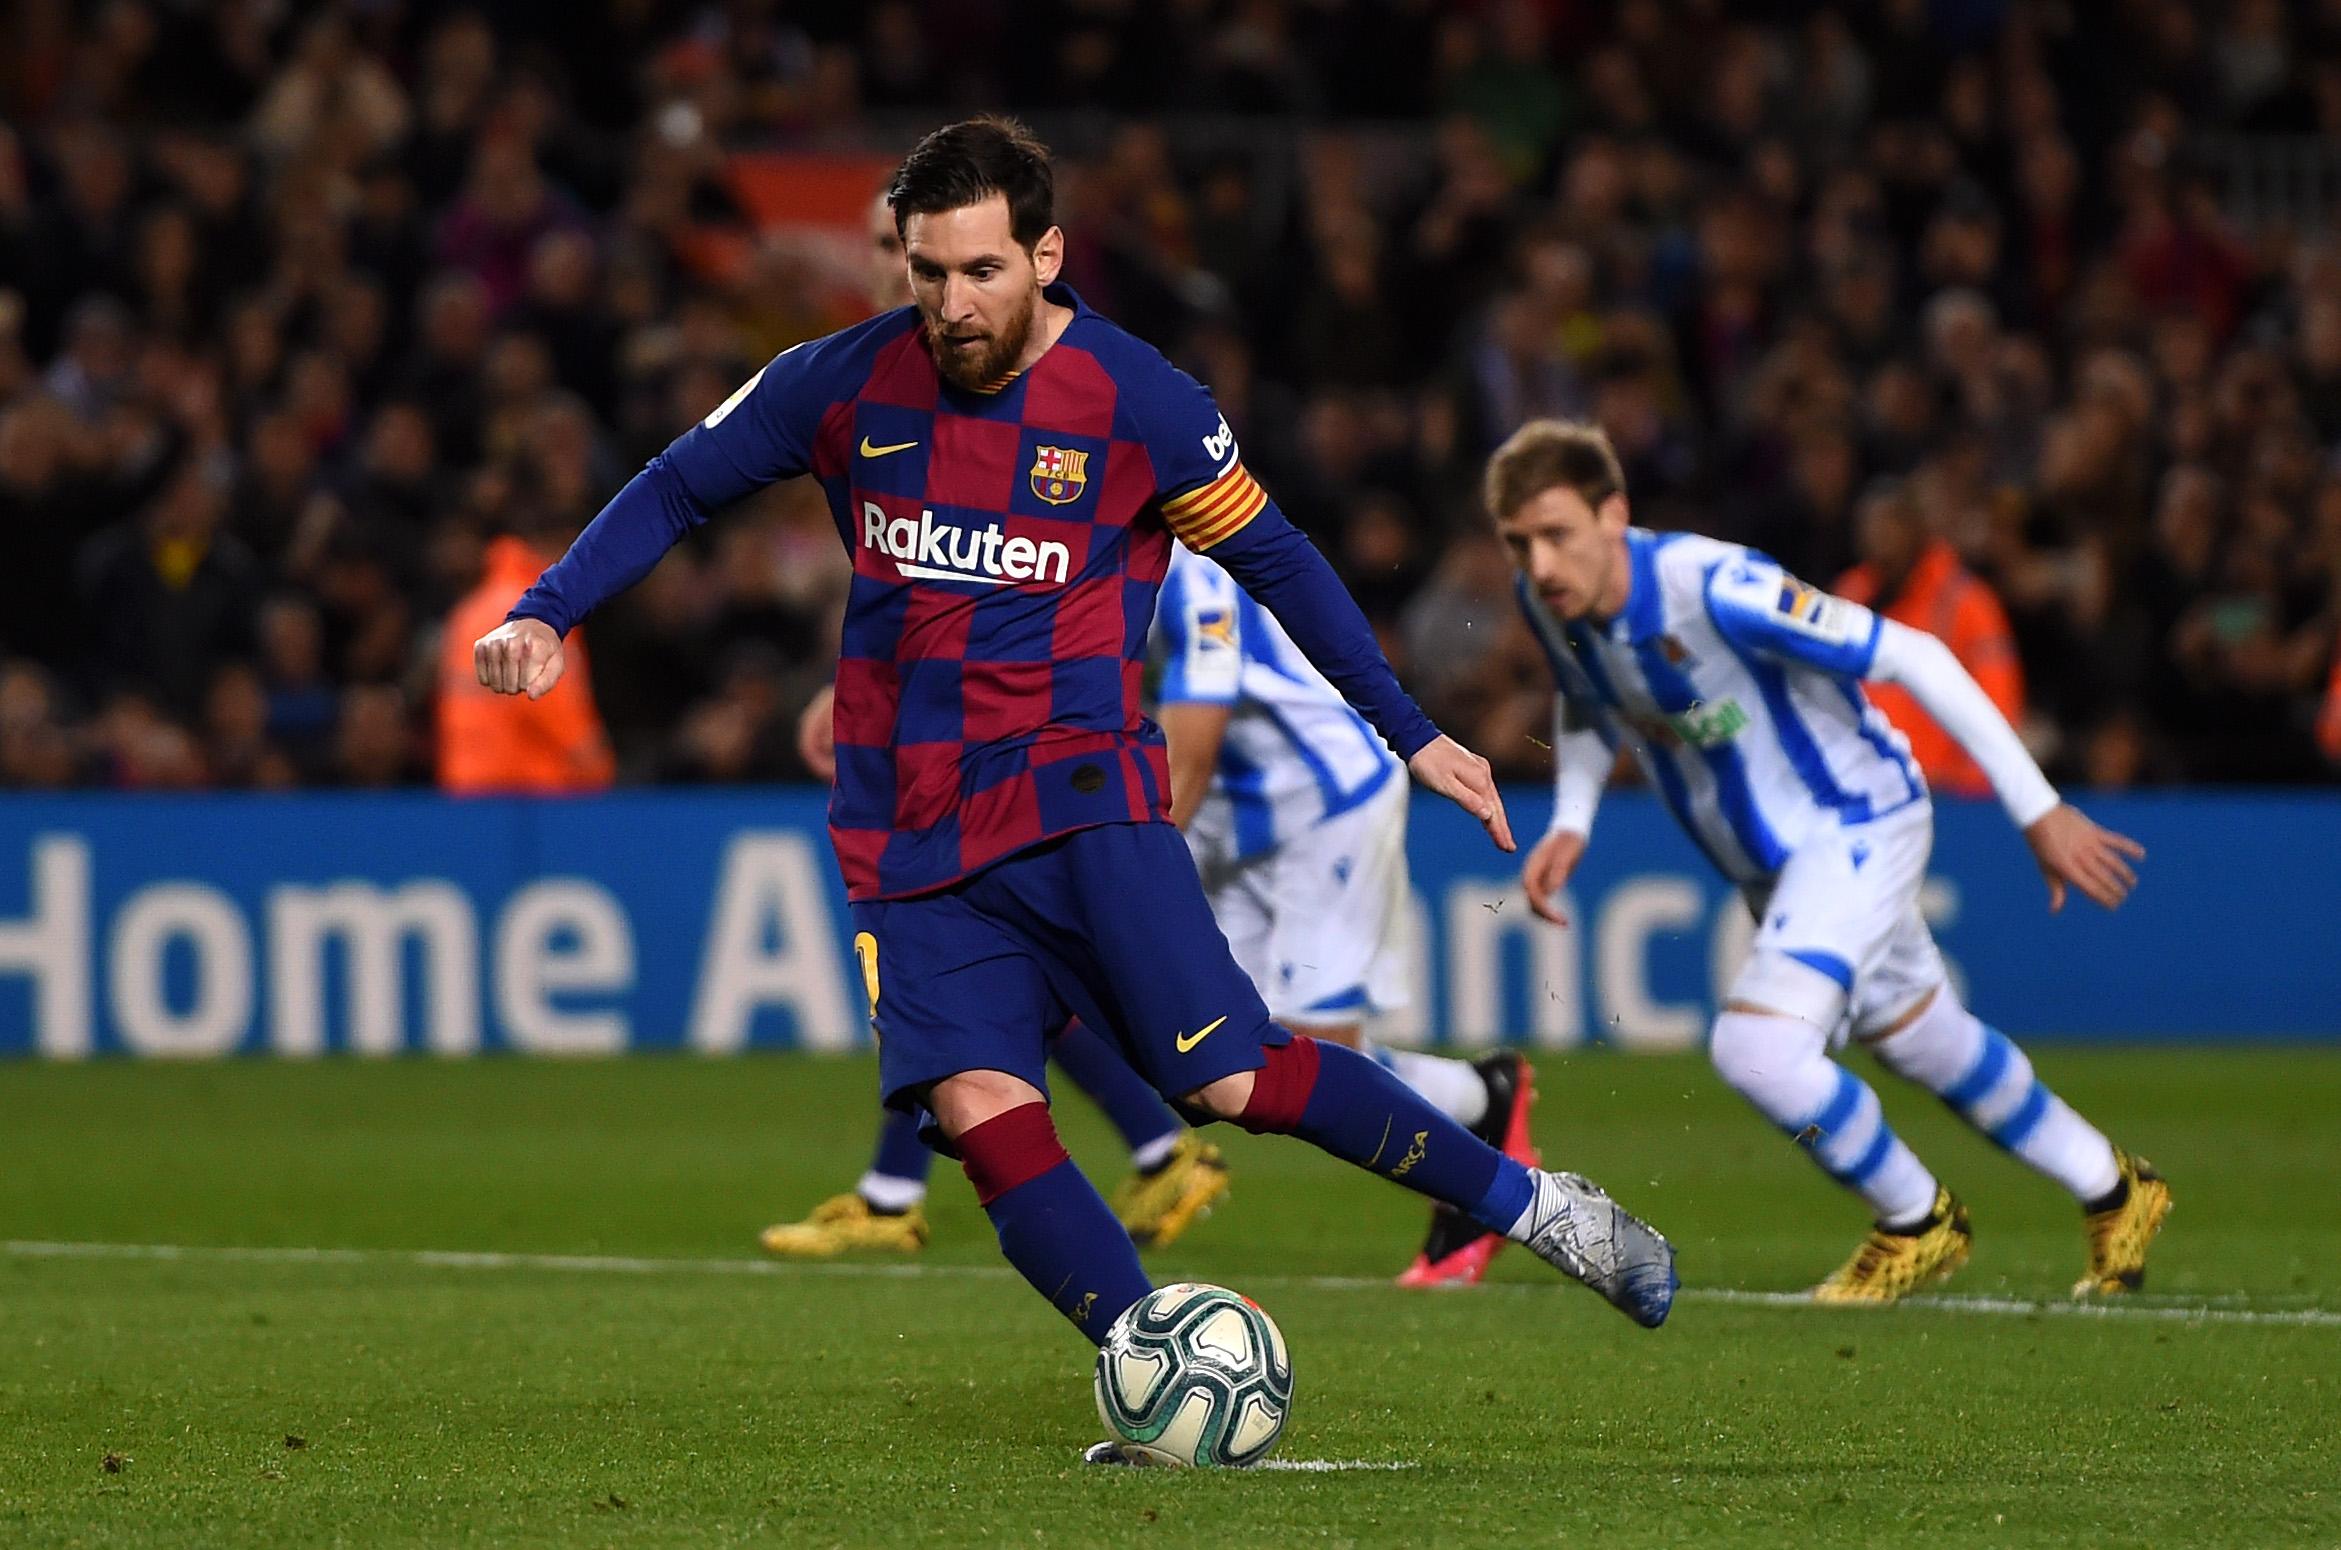 ميسي يقود برشلونة لتخطى سوسيداد بصعوبة وانتزاع صدارة الليجا مؤقتًا